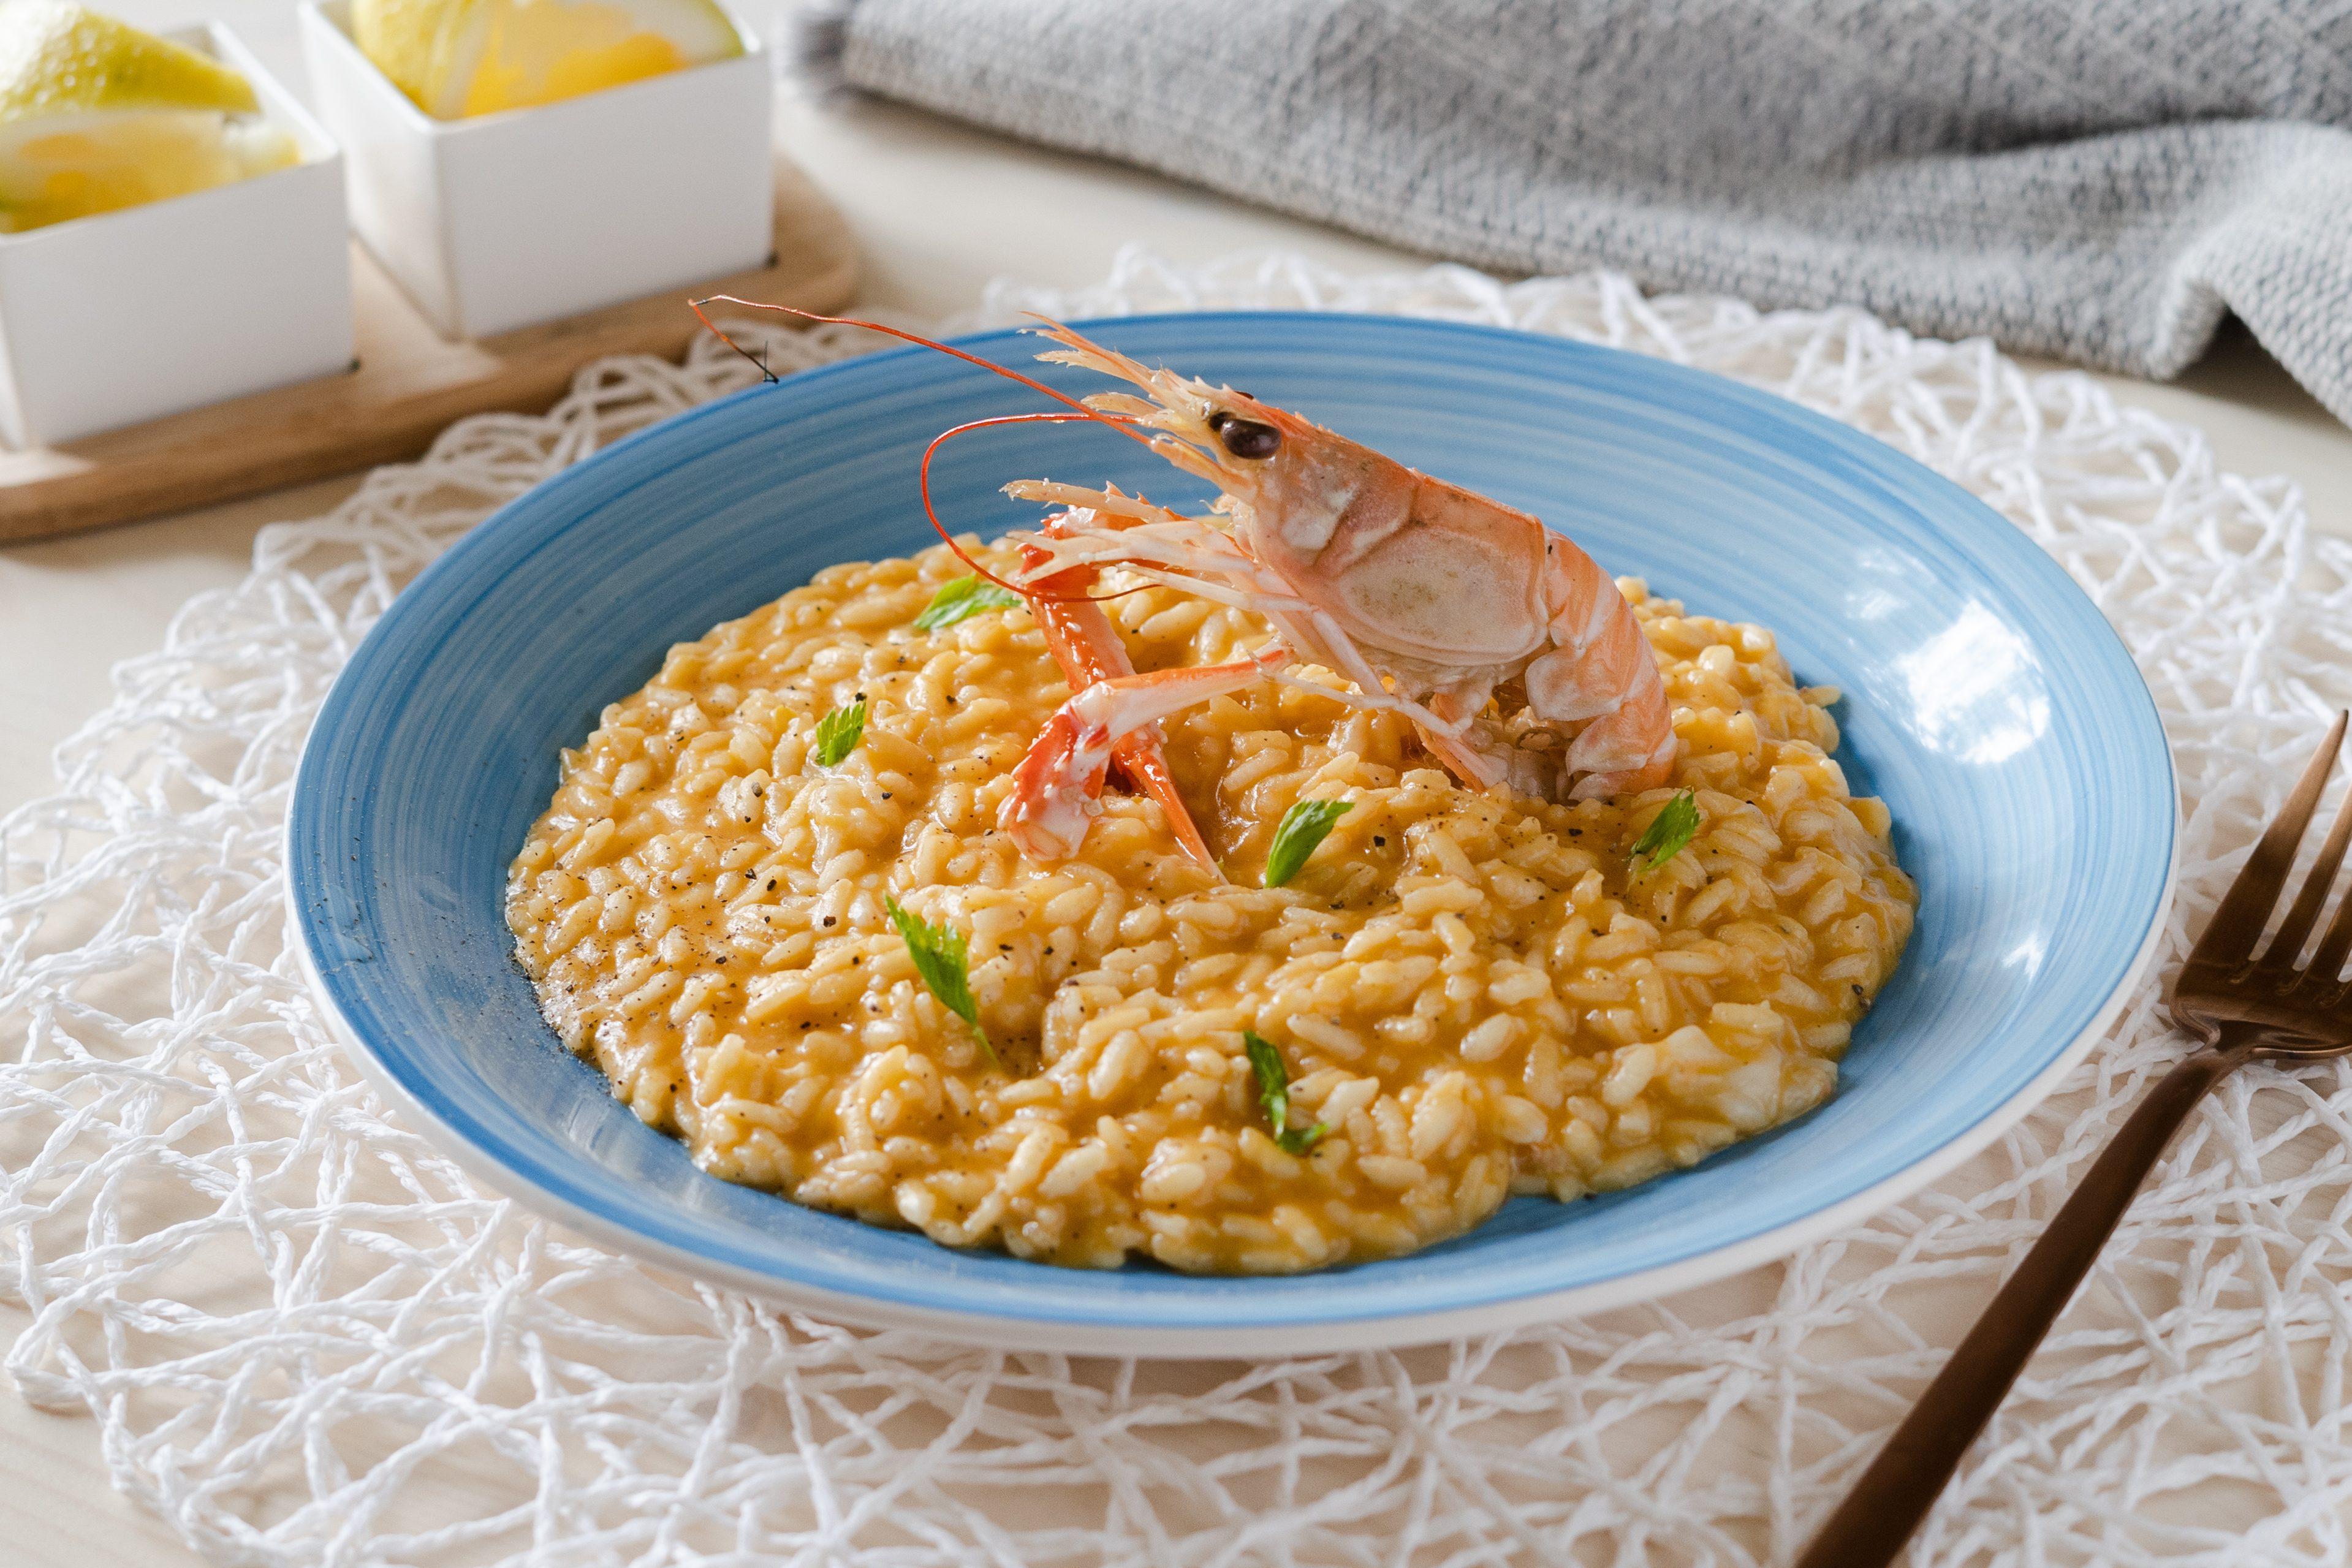 Risotto scampi e limone: la ricetta del risotto cremoso e profumato